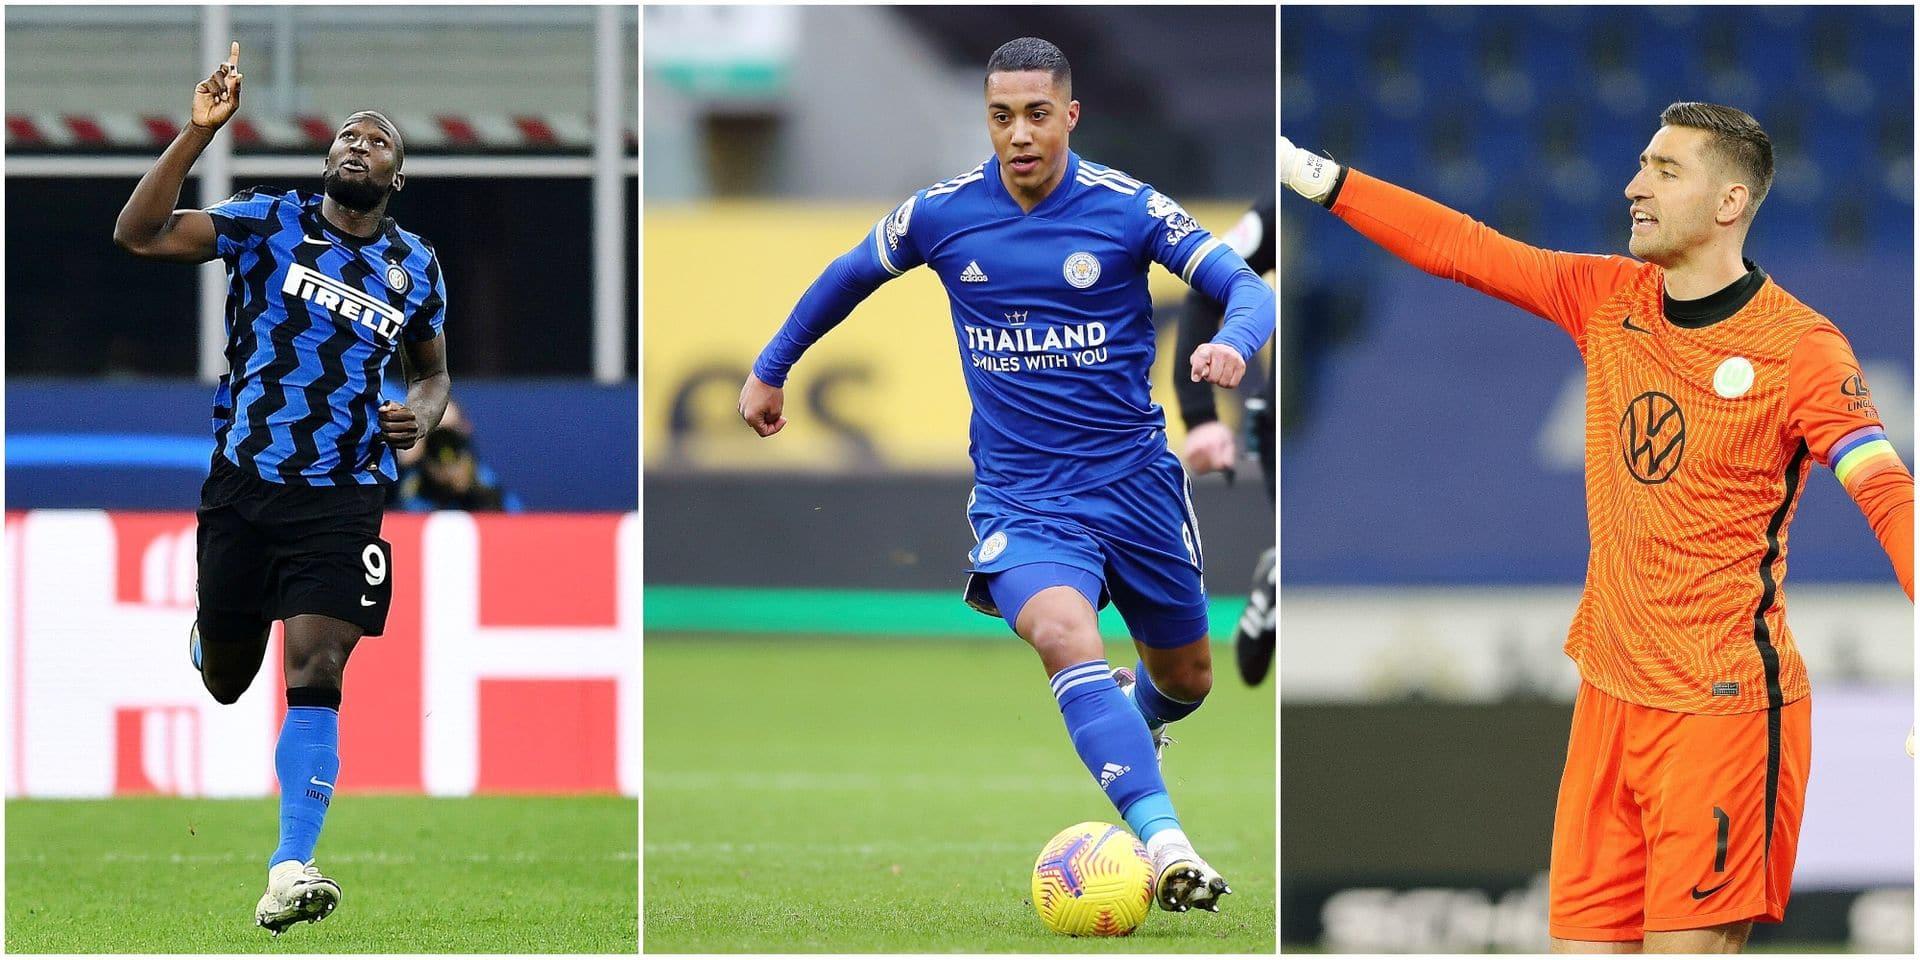 Tielemans et Lukaku dribblent les blessures, les gardiens assurent: quels Diables ont le plus et le mieux joué cette année ?